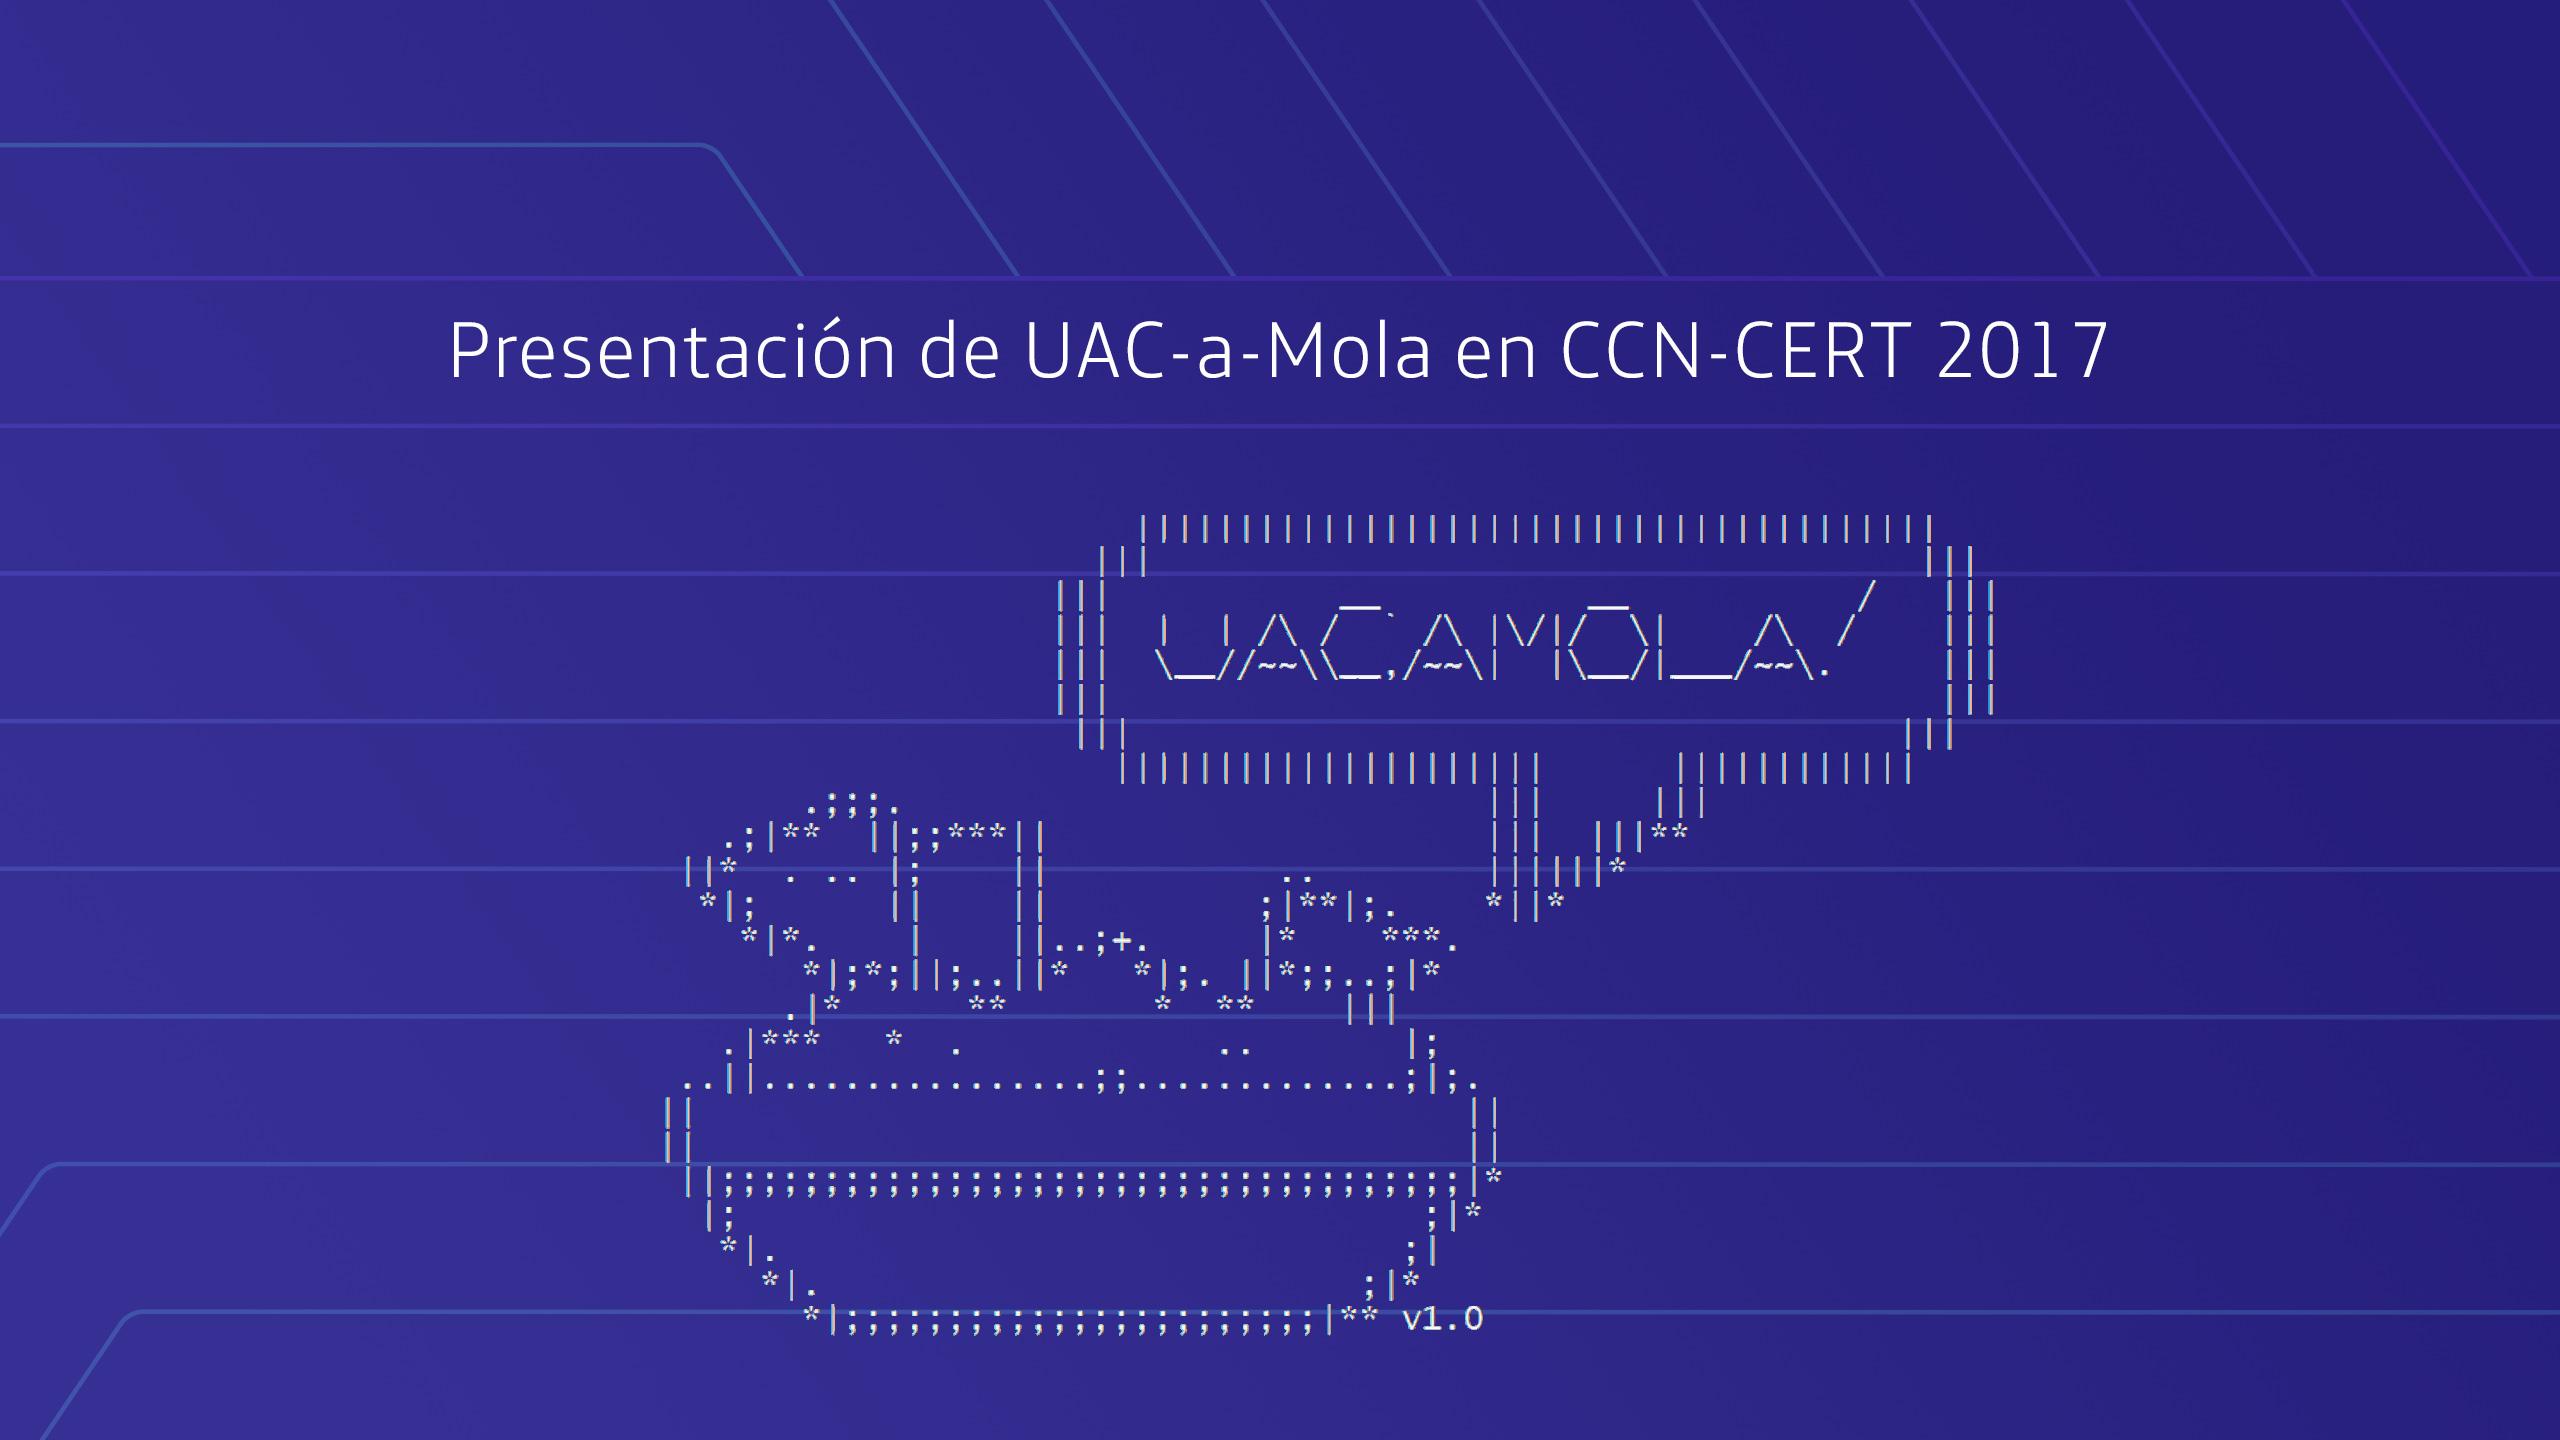 UAC-A-Mola video